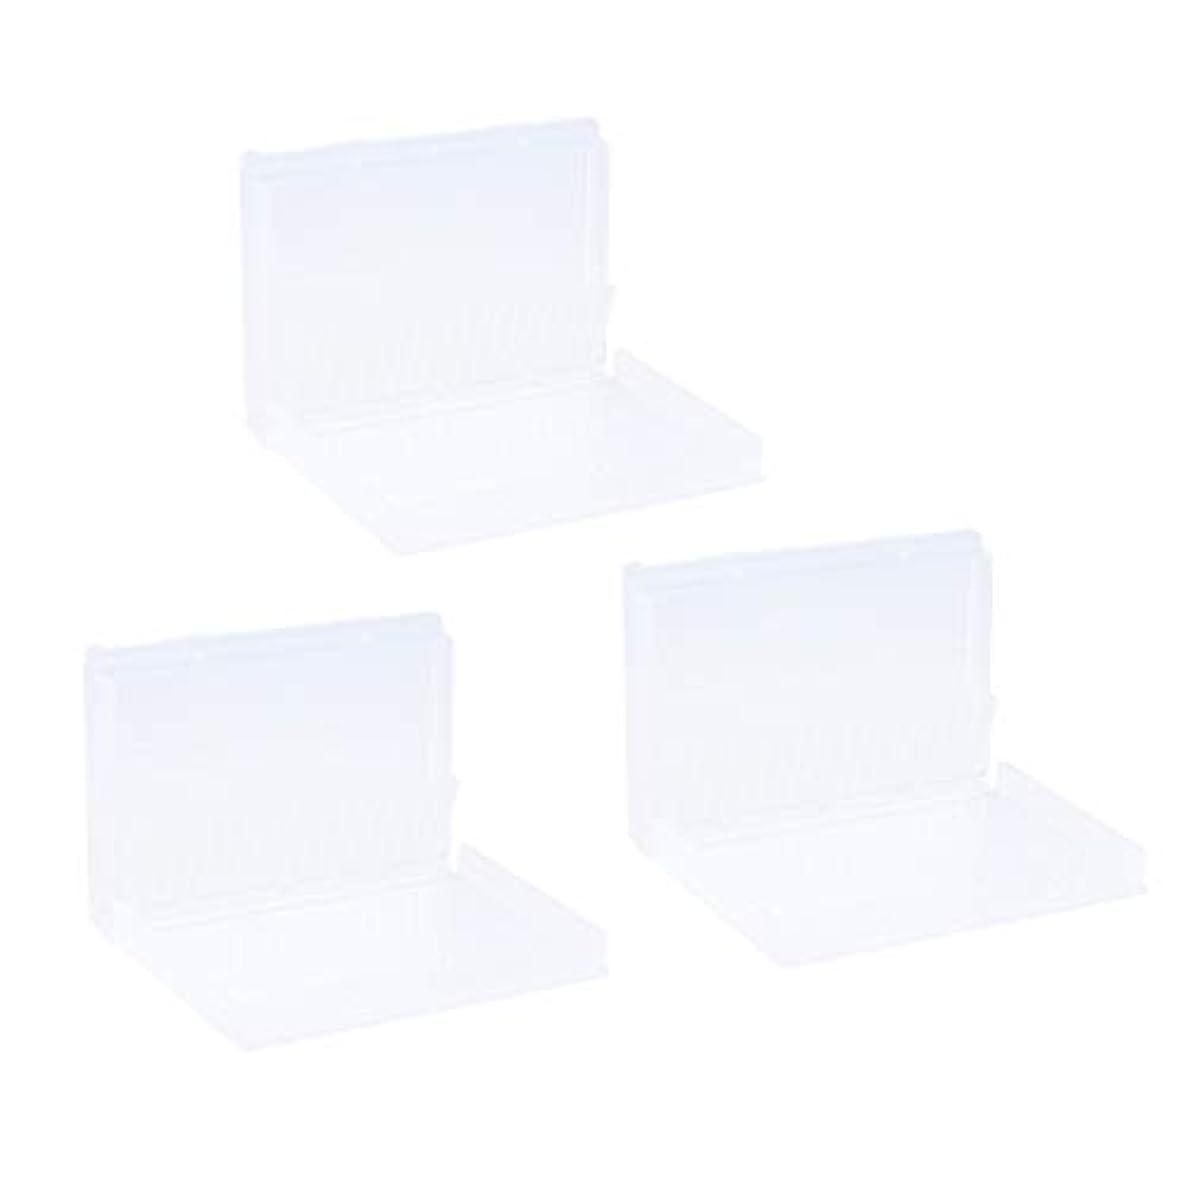 納屋愛国的な発表するToygogo 3ピース/個ネイルドリルビットホルダー防塵スタンドディスプレイオーガナイザー収納容器20穴マニキュアツールケースボックス(ドリルビットは含まれません)